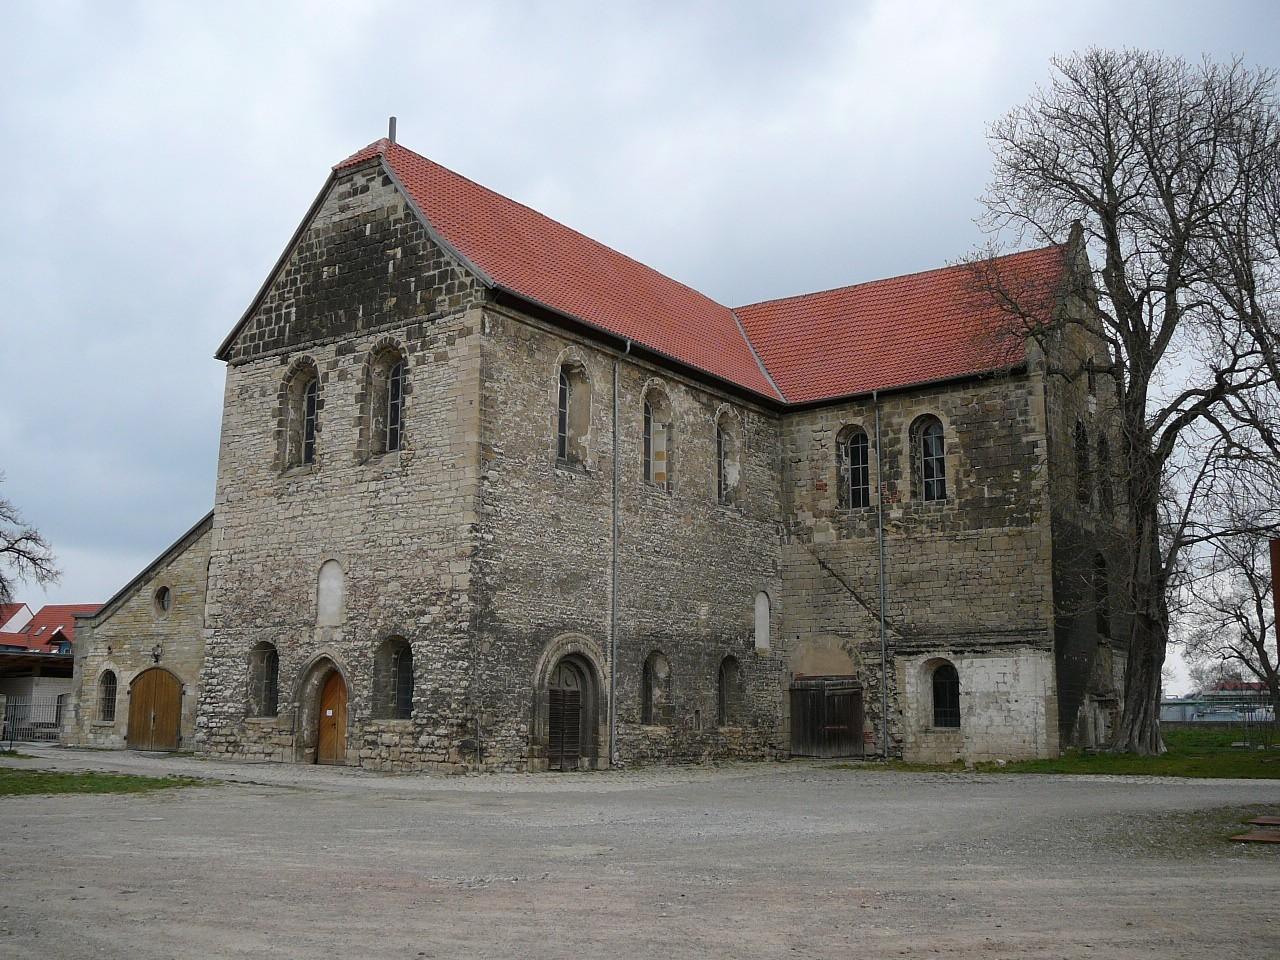 St. Burchardi in Halberstadt